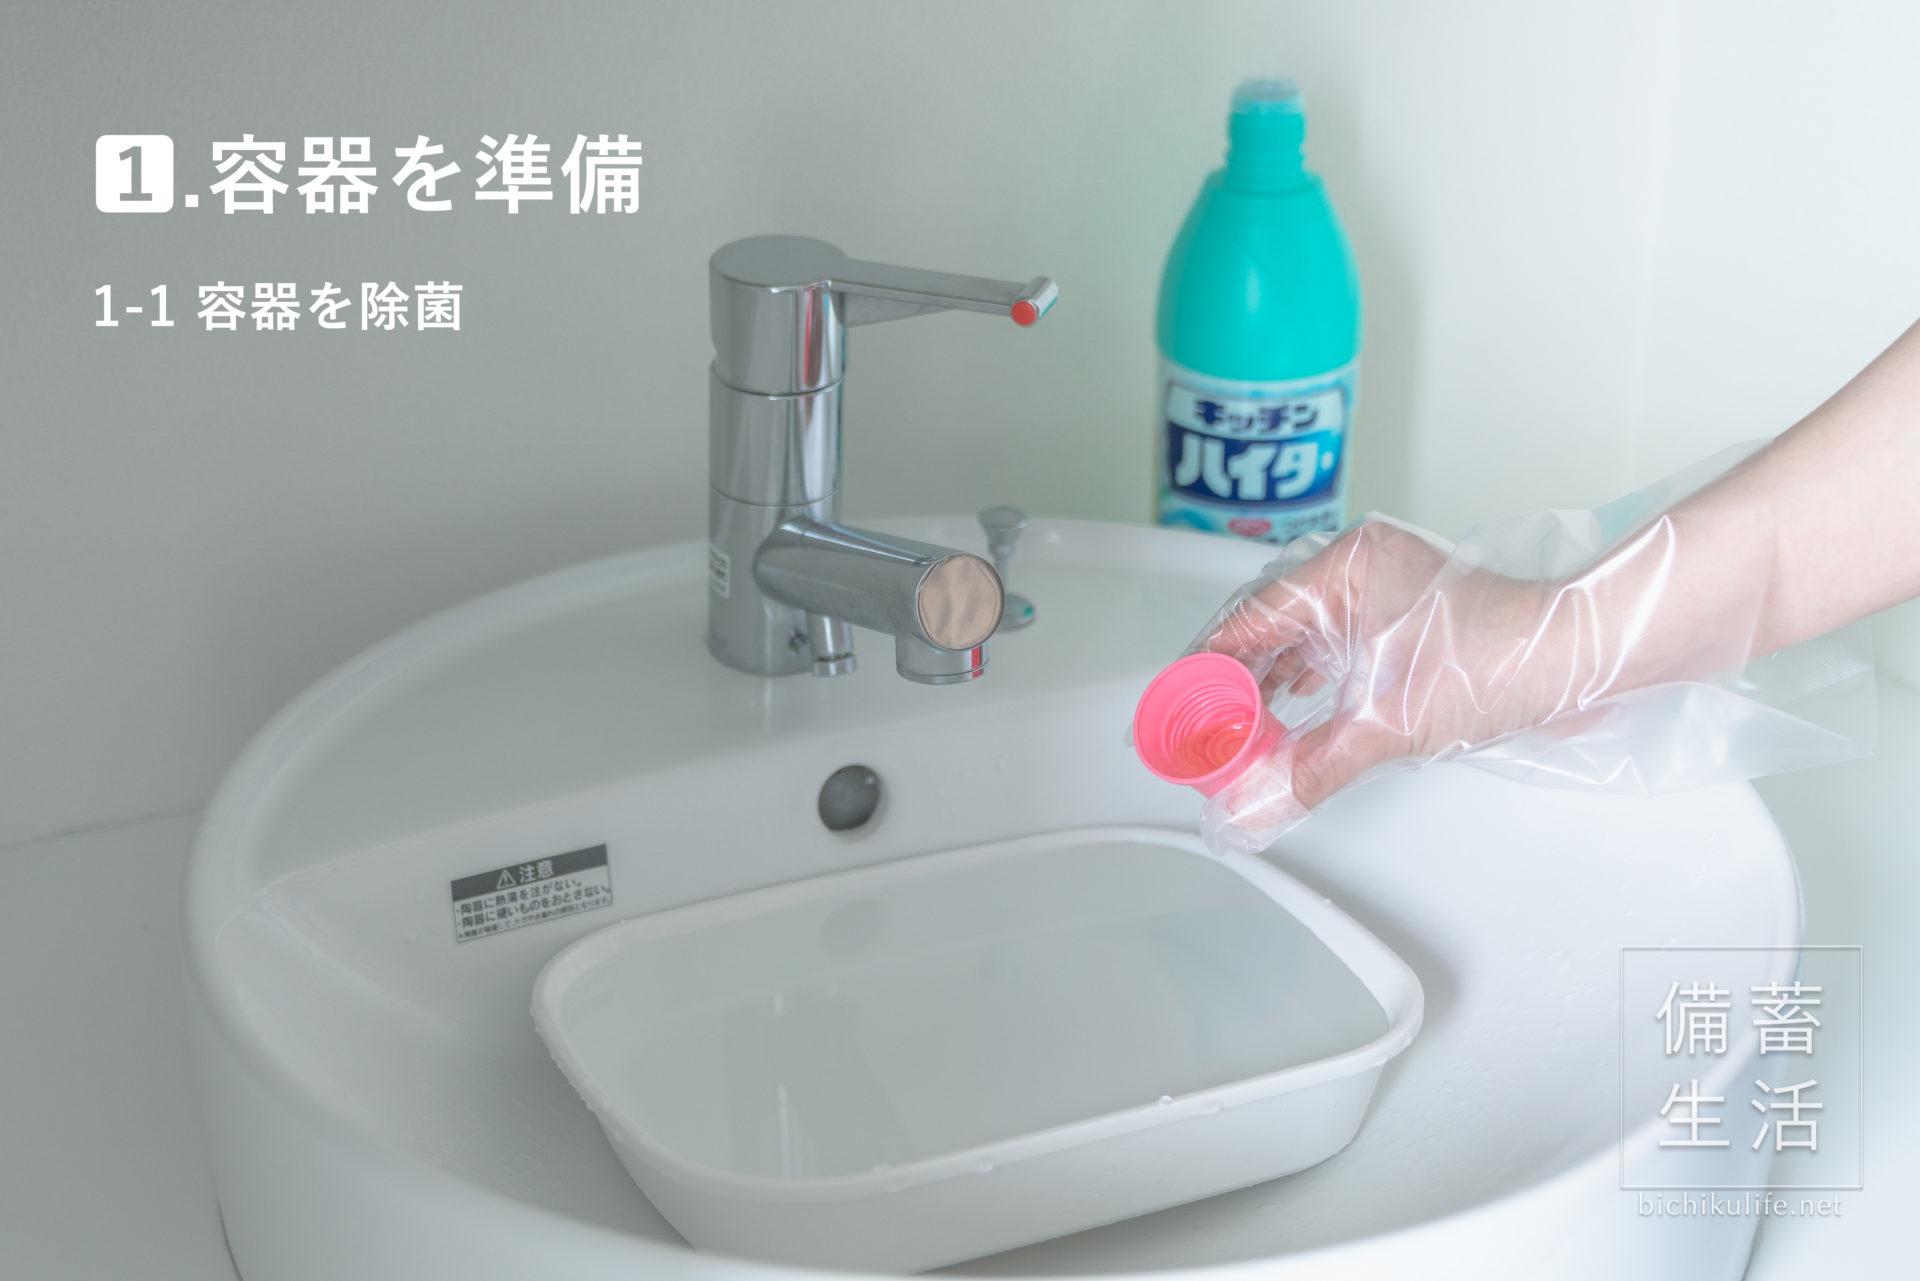 不織布マスクの洗濯方法 1.容器の準備 1-1 容器を除菌